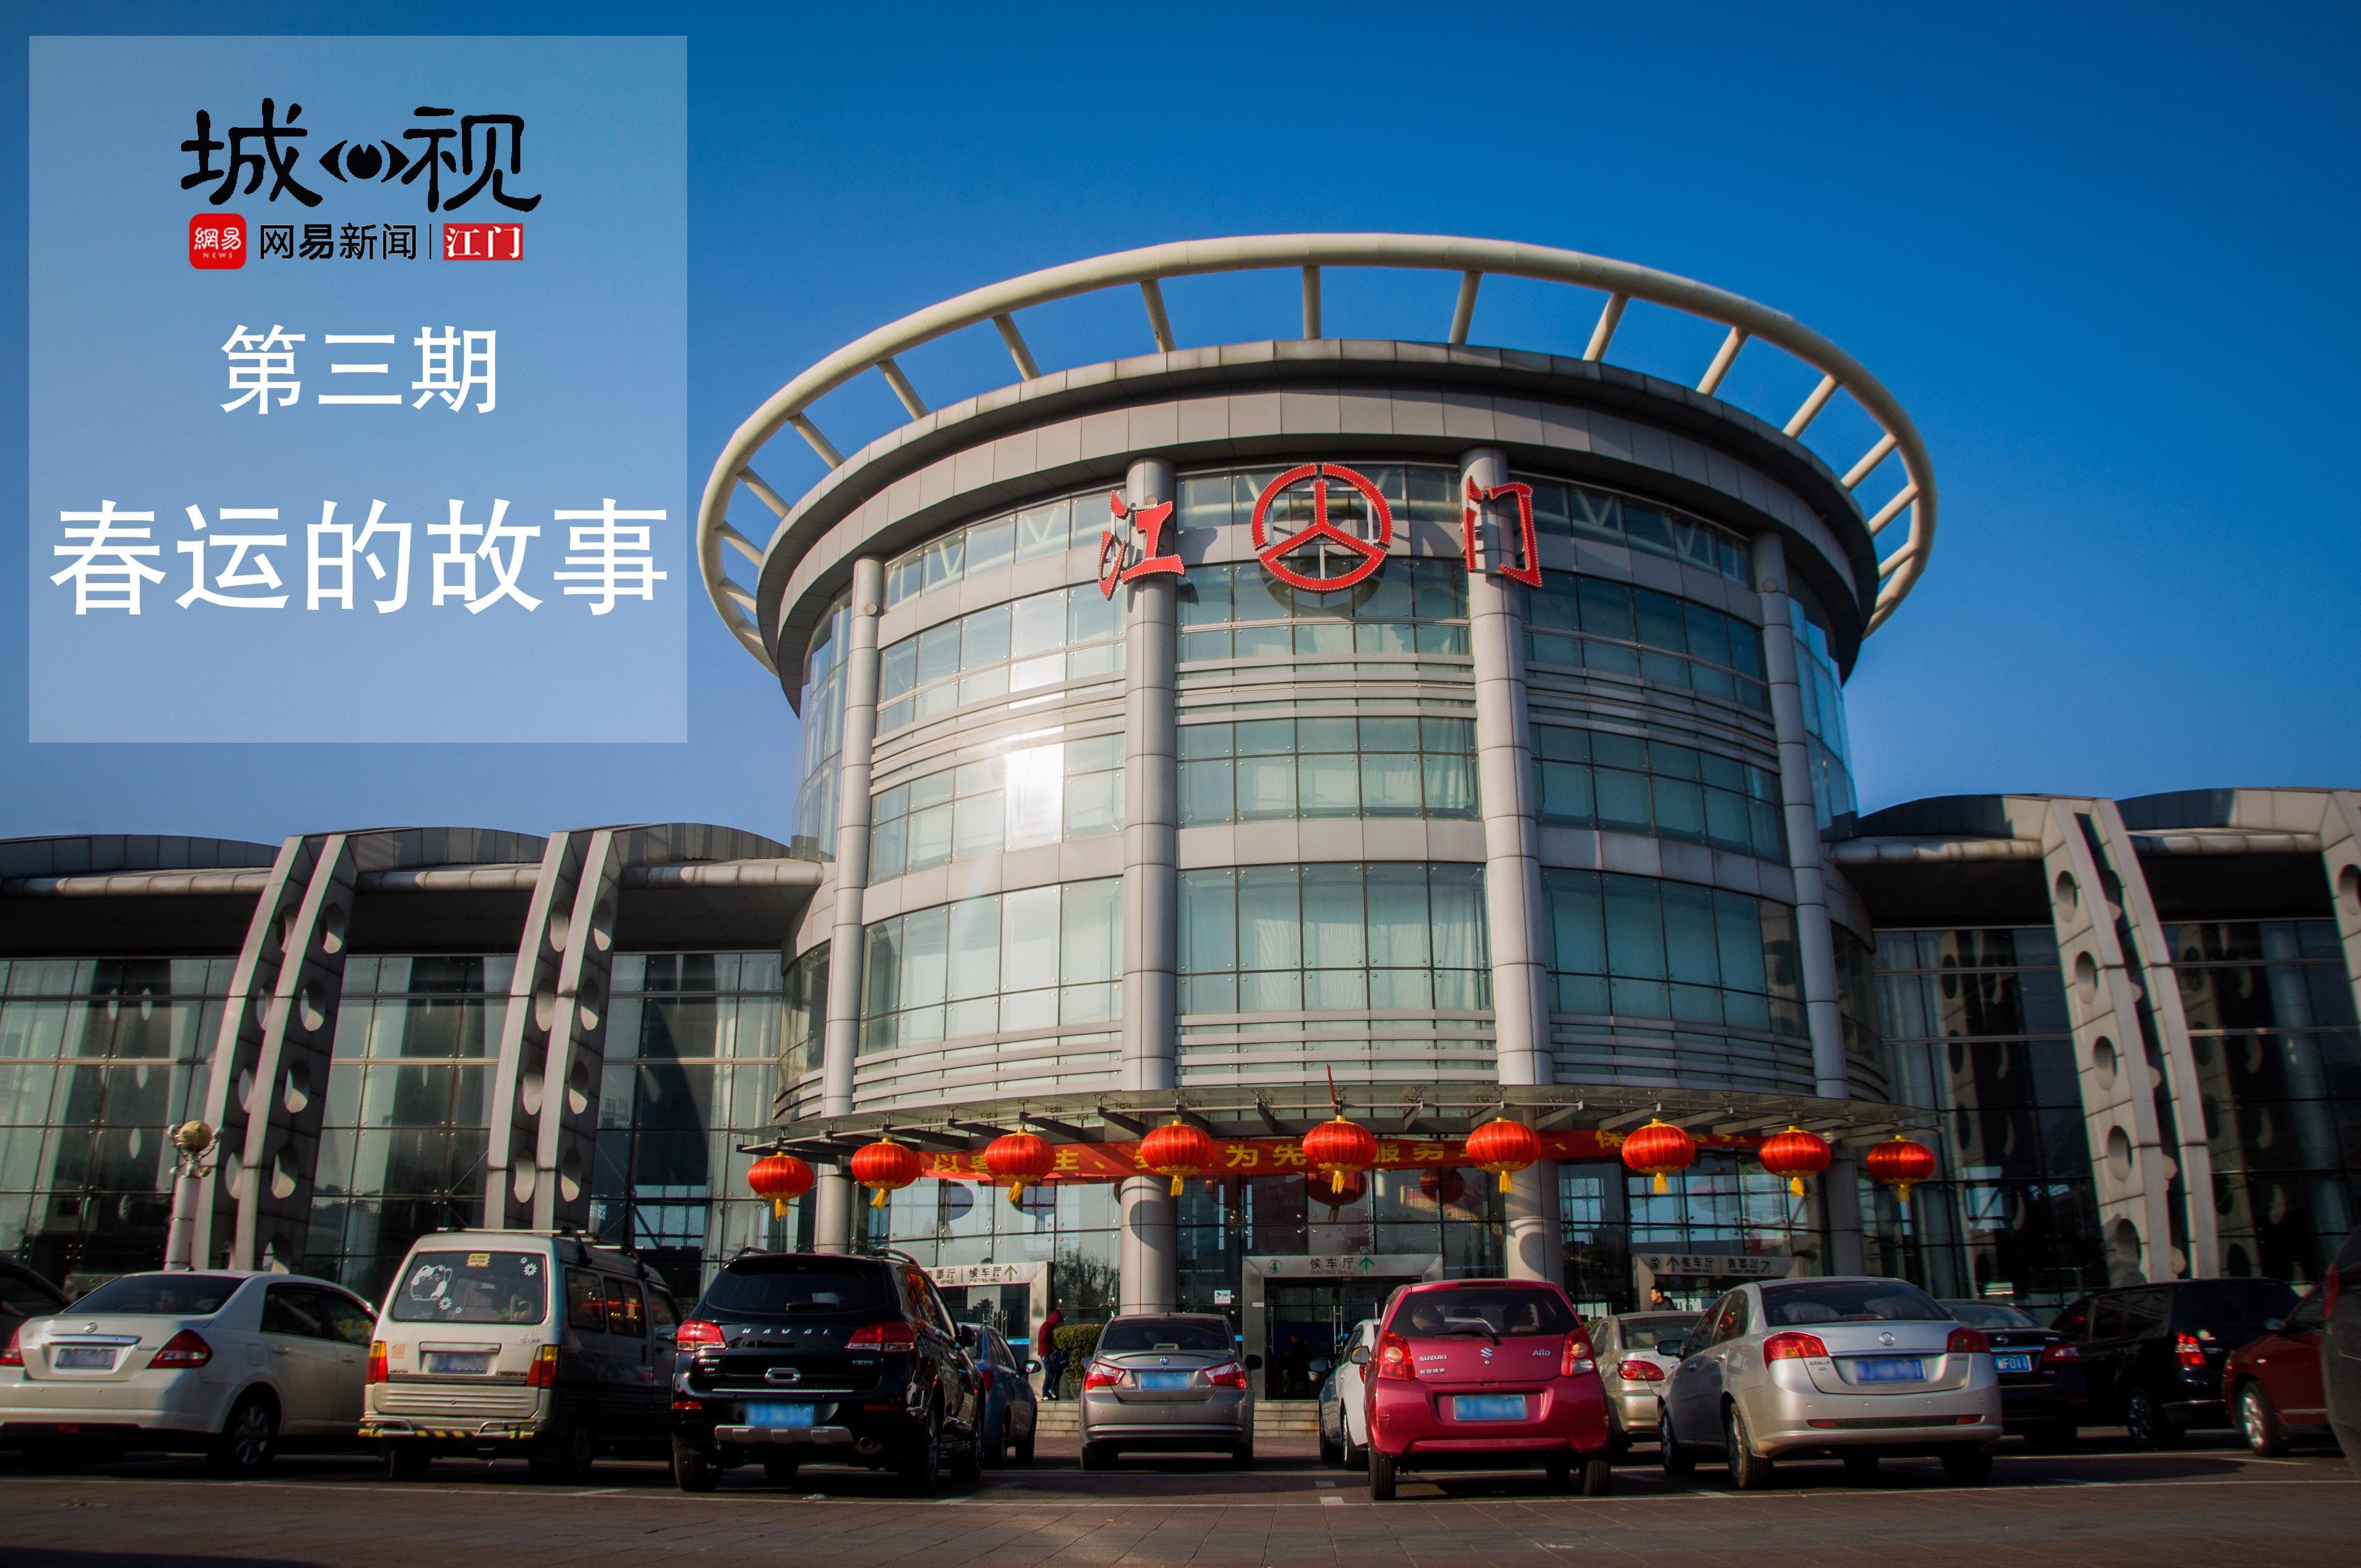 城视第三期:江门春运的故事